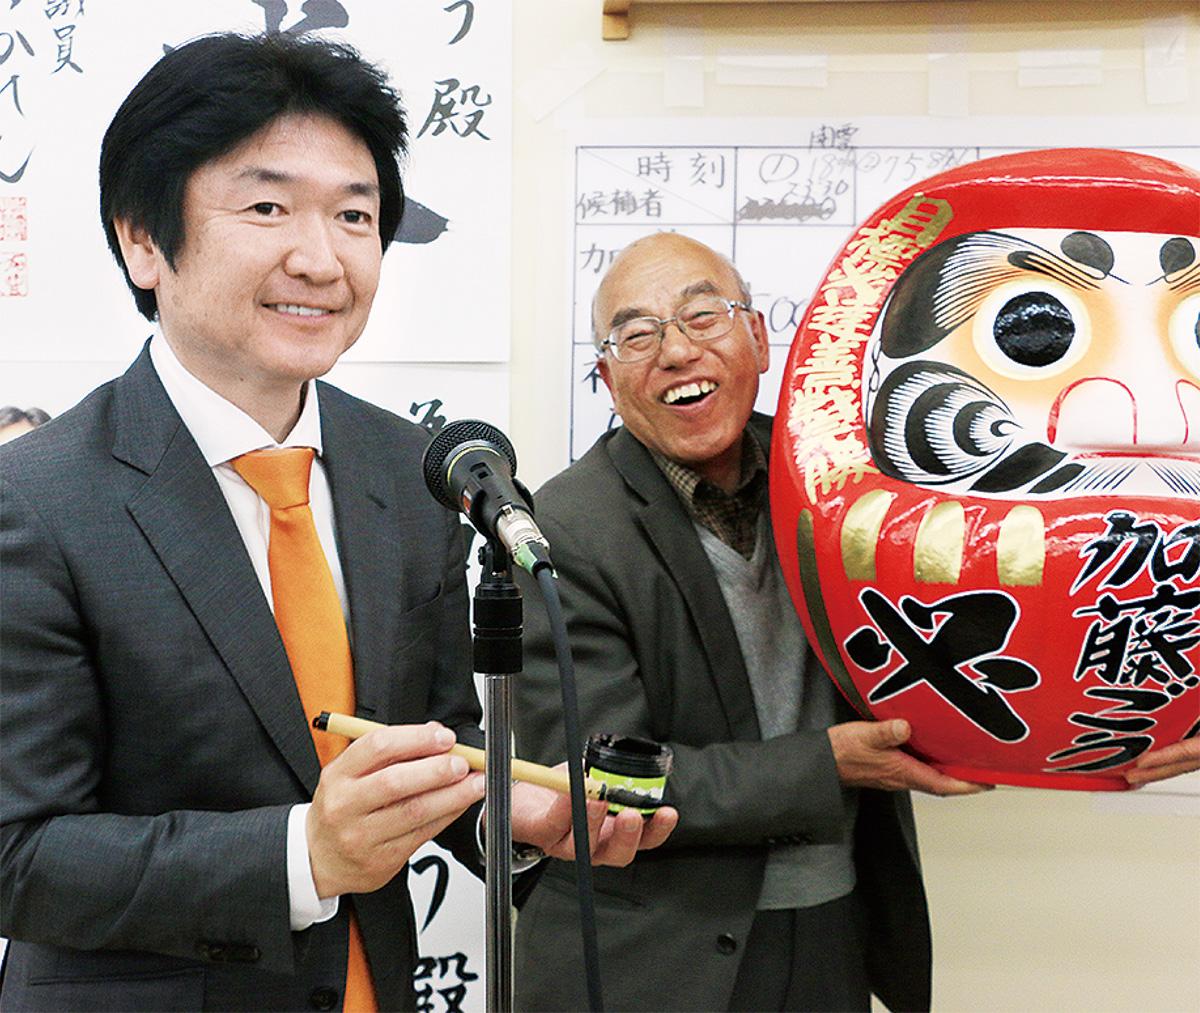 新人加藤氏 トップ当選